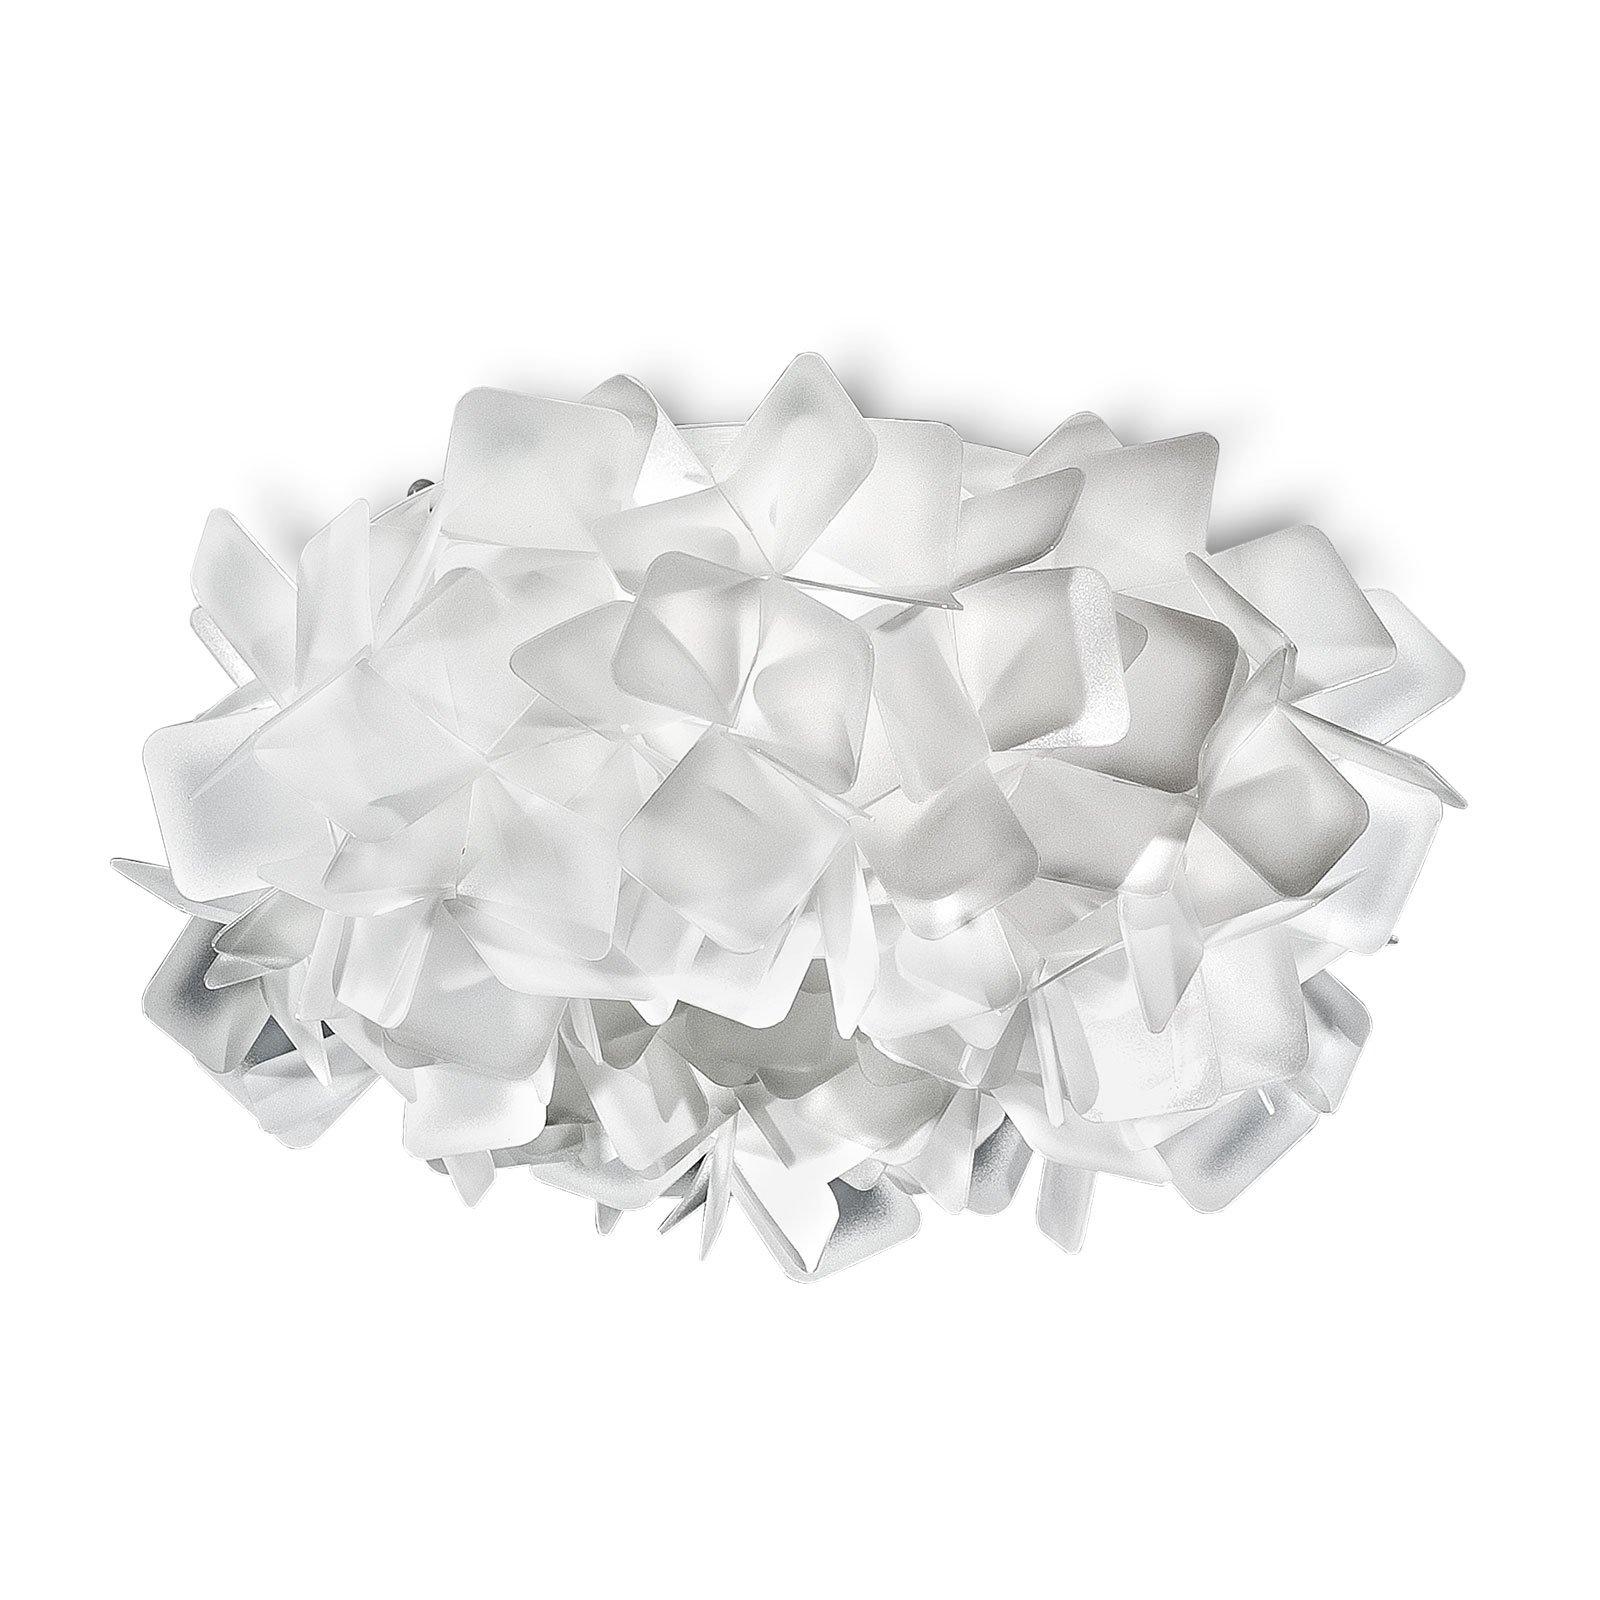 Slamp Clizia taklampe, Ø 32 cm, hvit